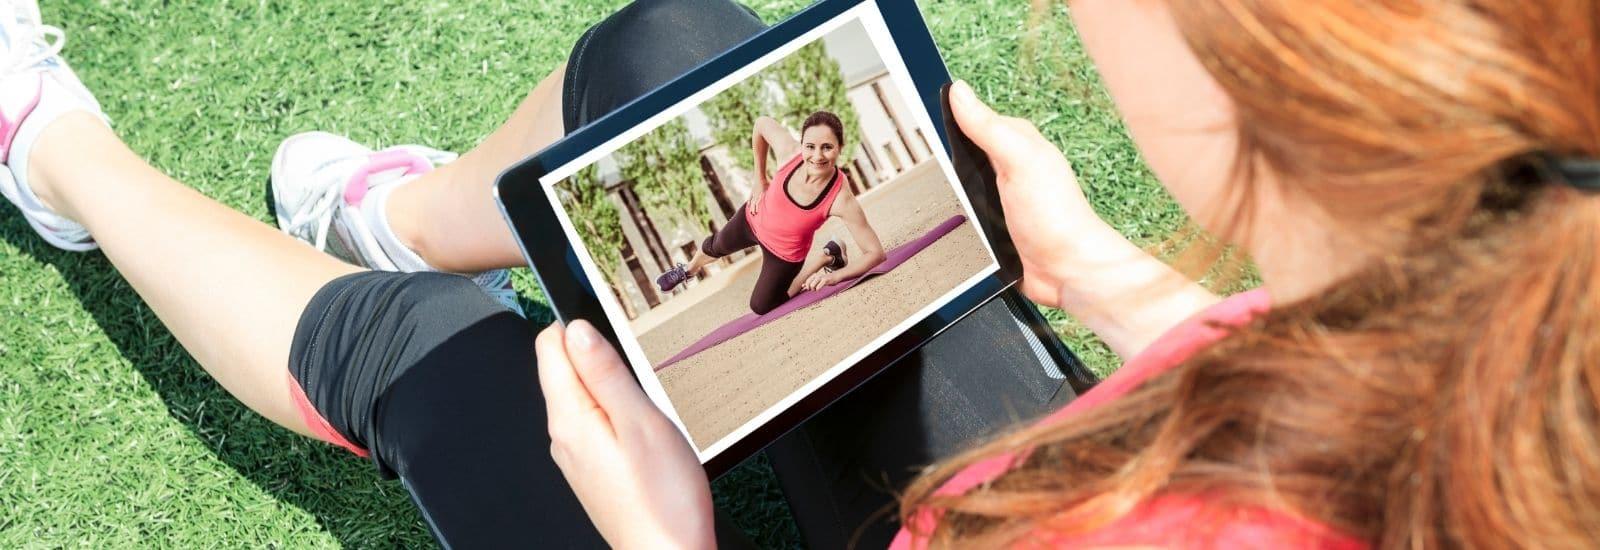 Online Personal Training via Zoom für vielbeschäftigte Frauen